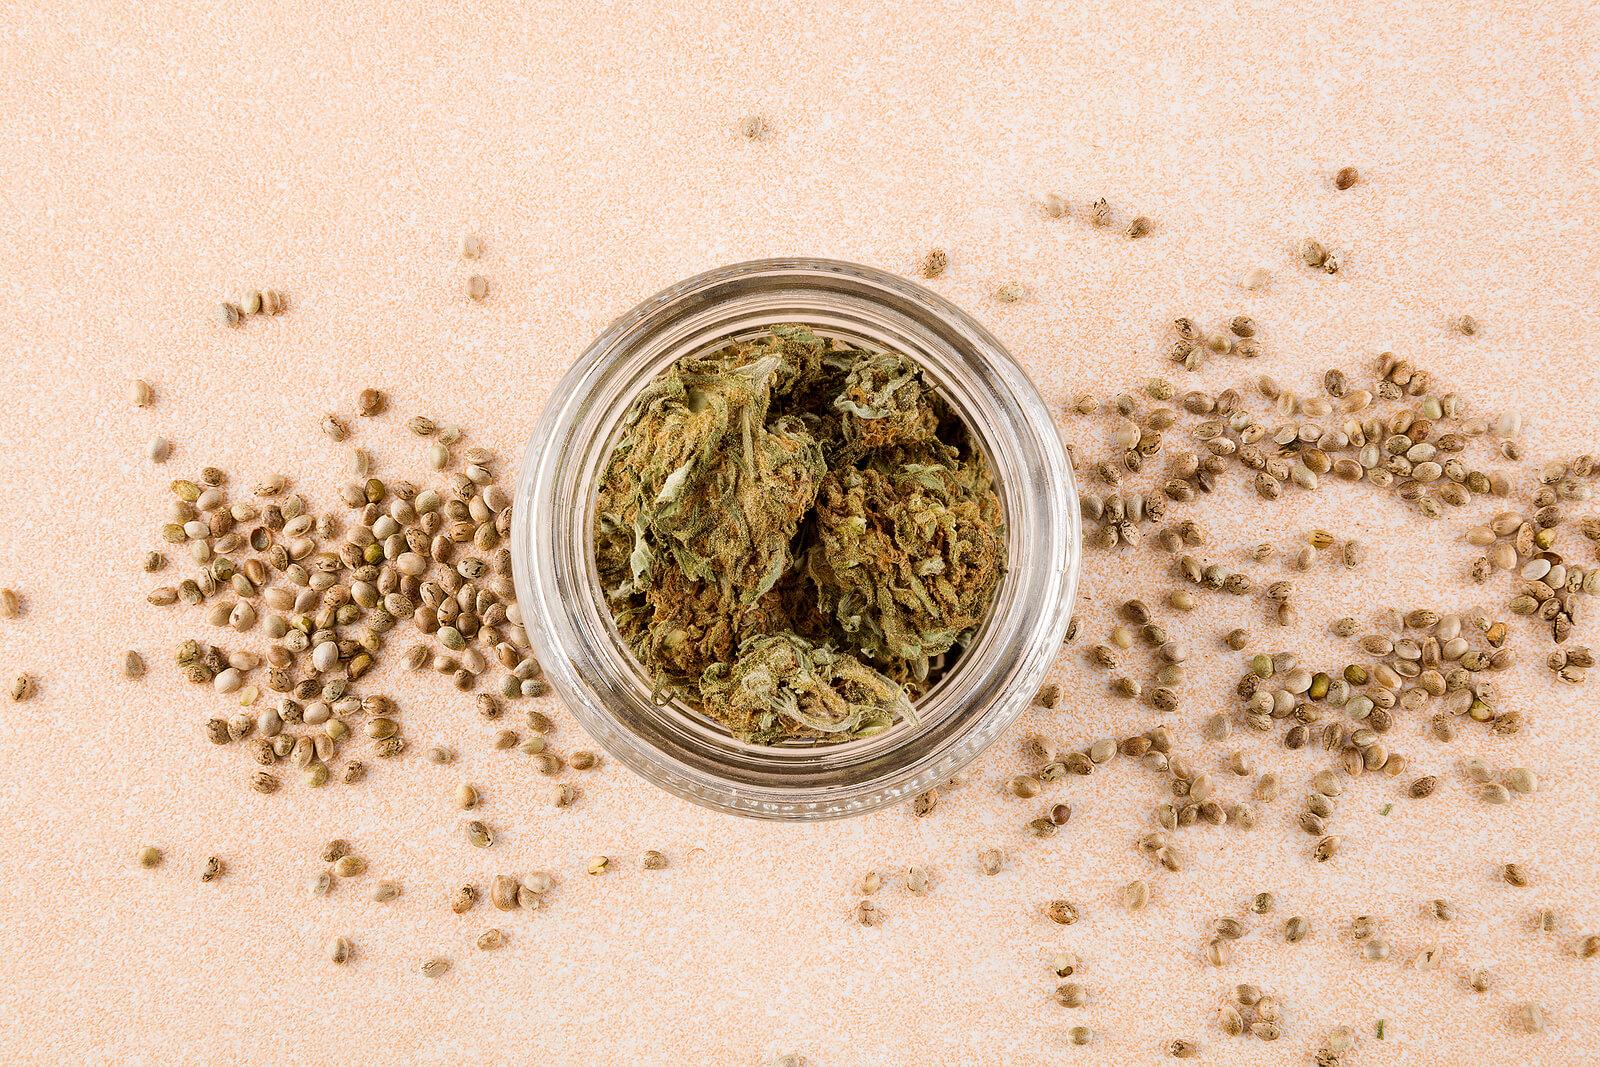 Buy Marijuana Seeds In Gilbert